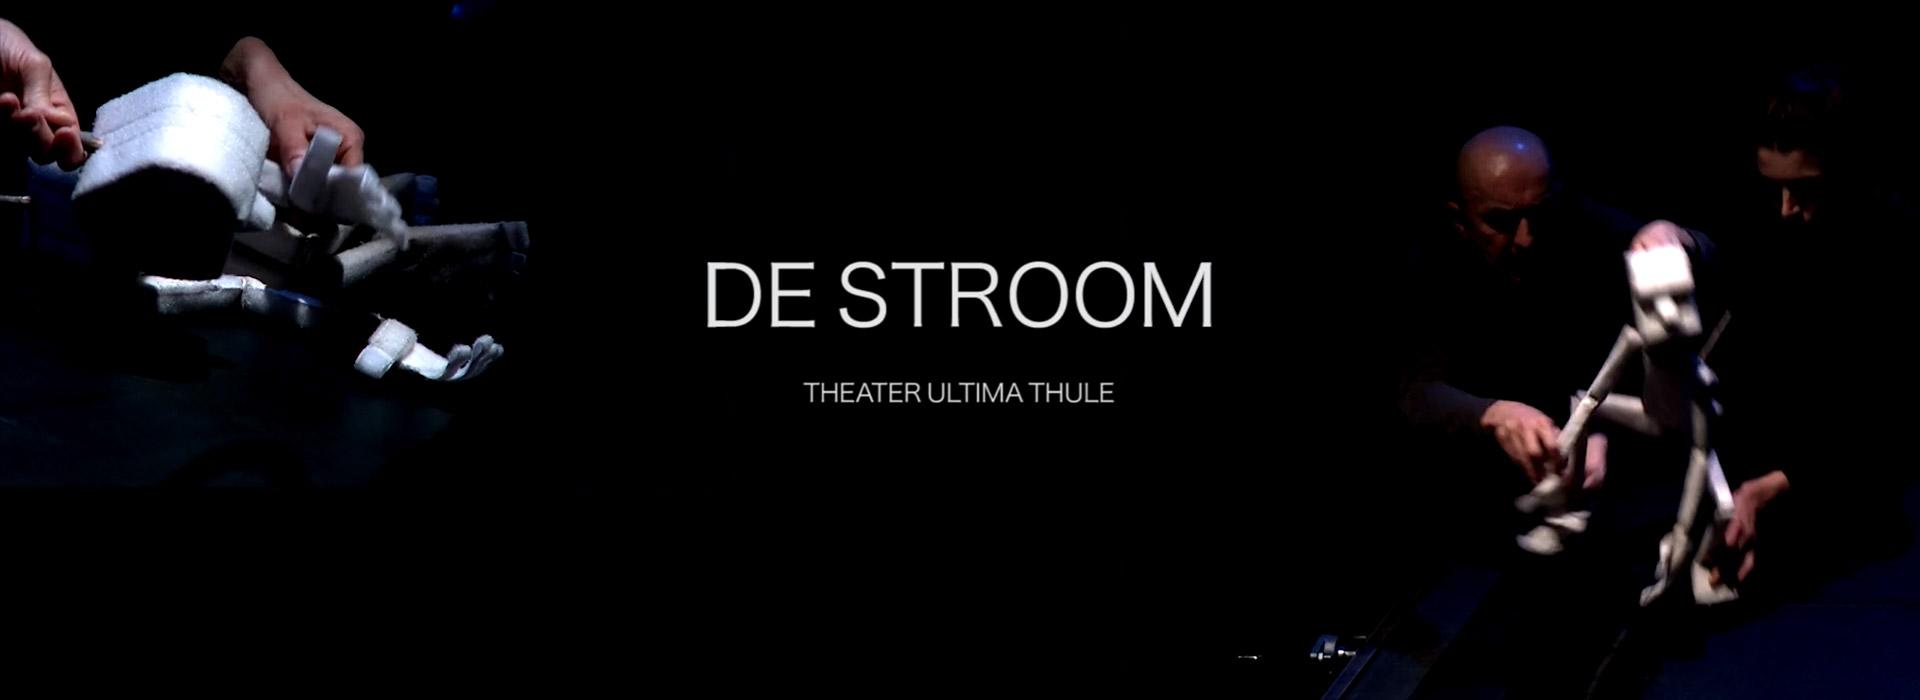 De Stroom